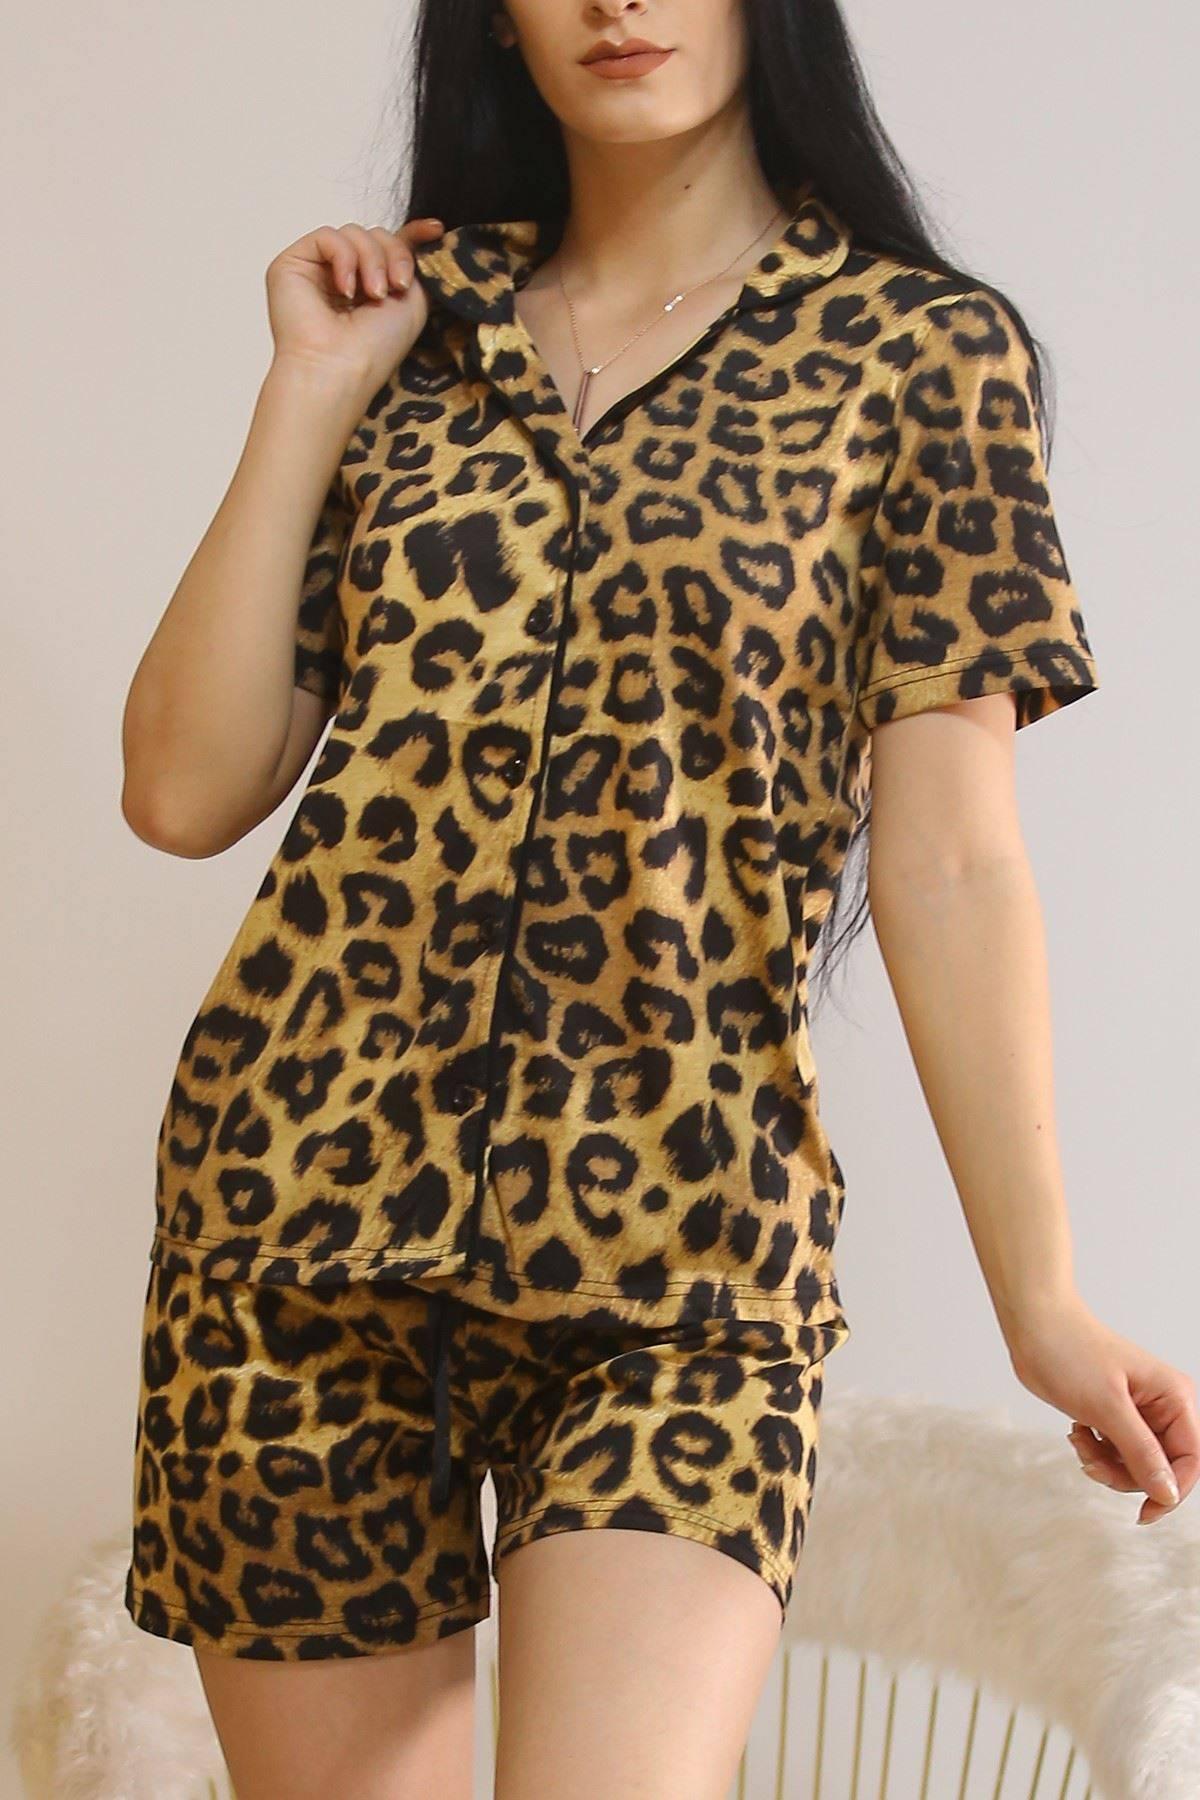 Şortlu Pijama Takımı Leopar - 5979.102.